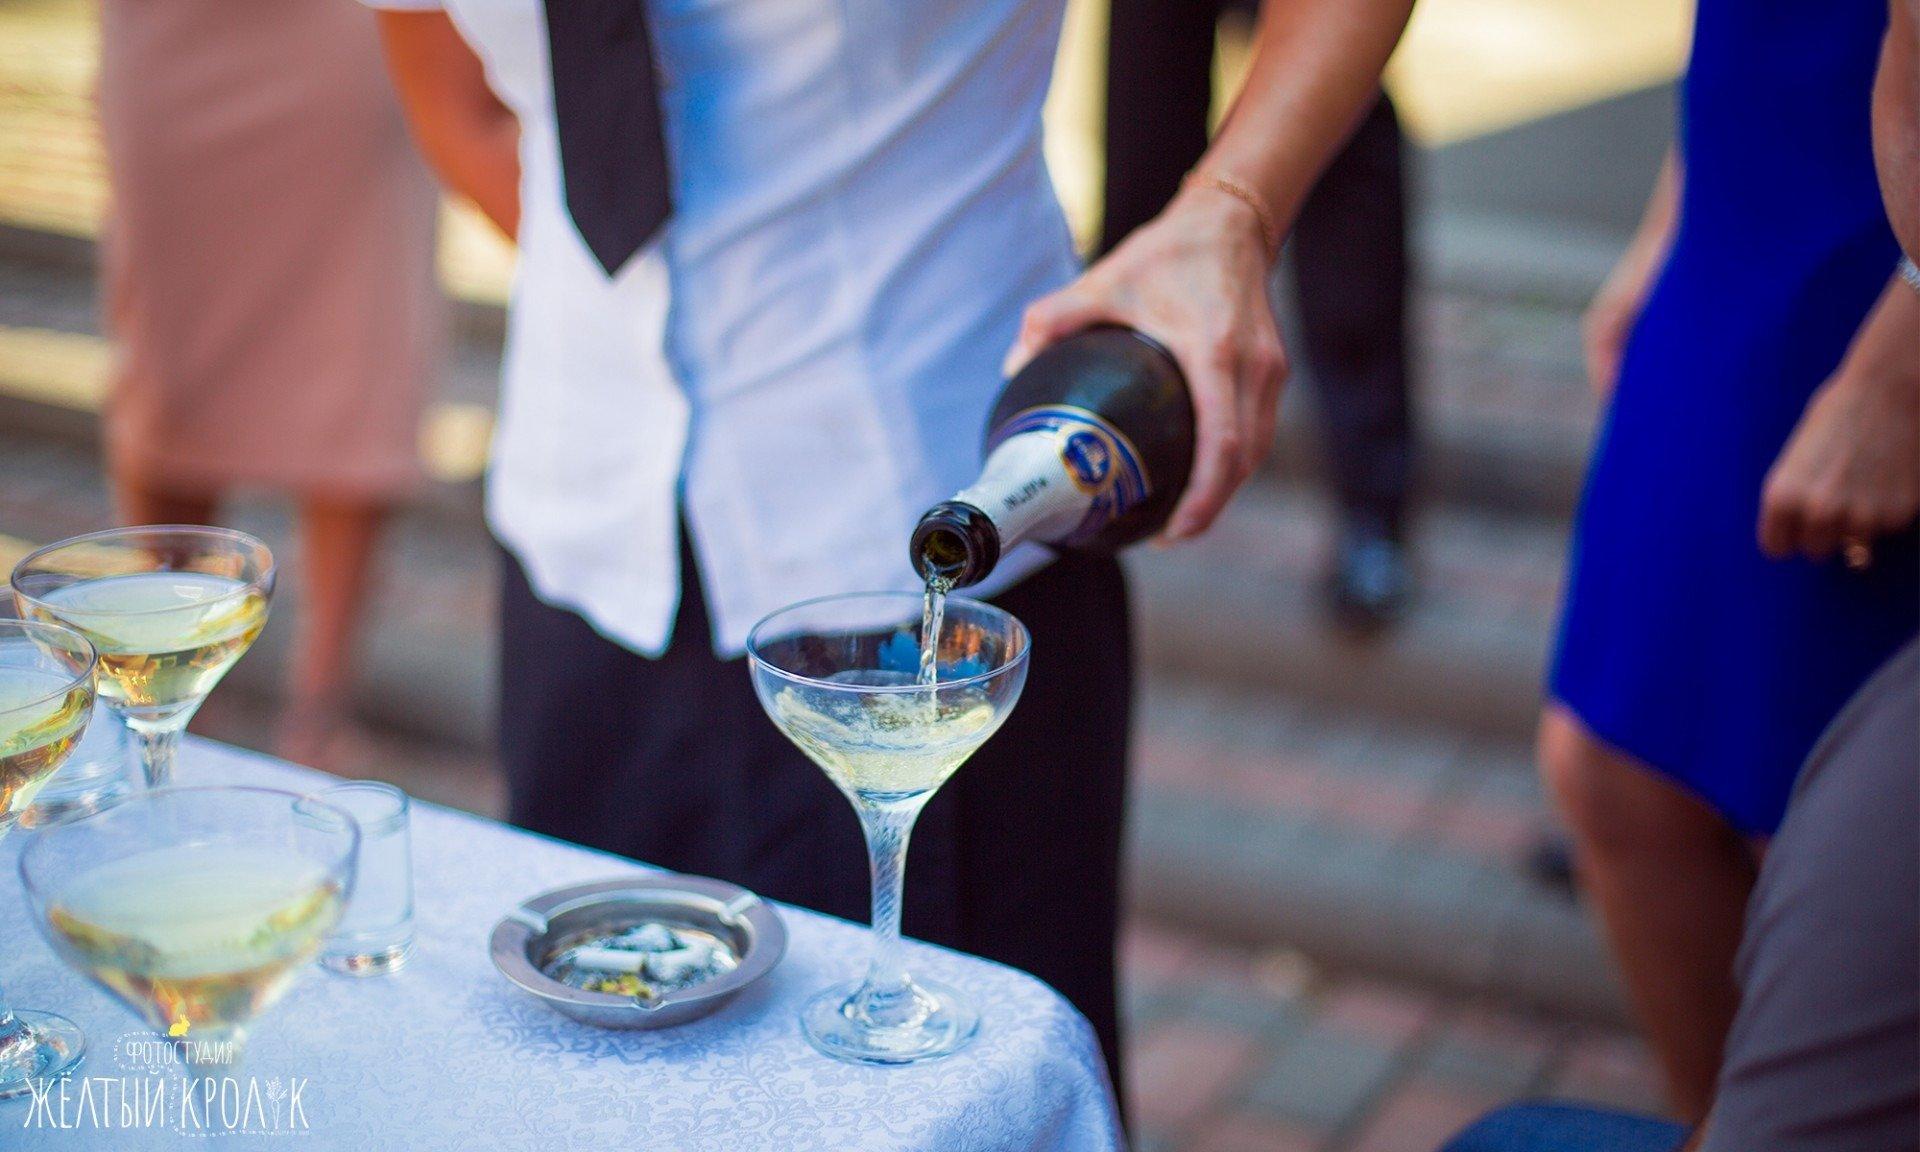 шампанское льется в бокал - репортажная фотосъемка в фотостудии желтый кролик